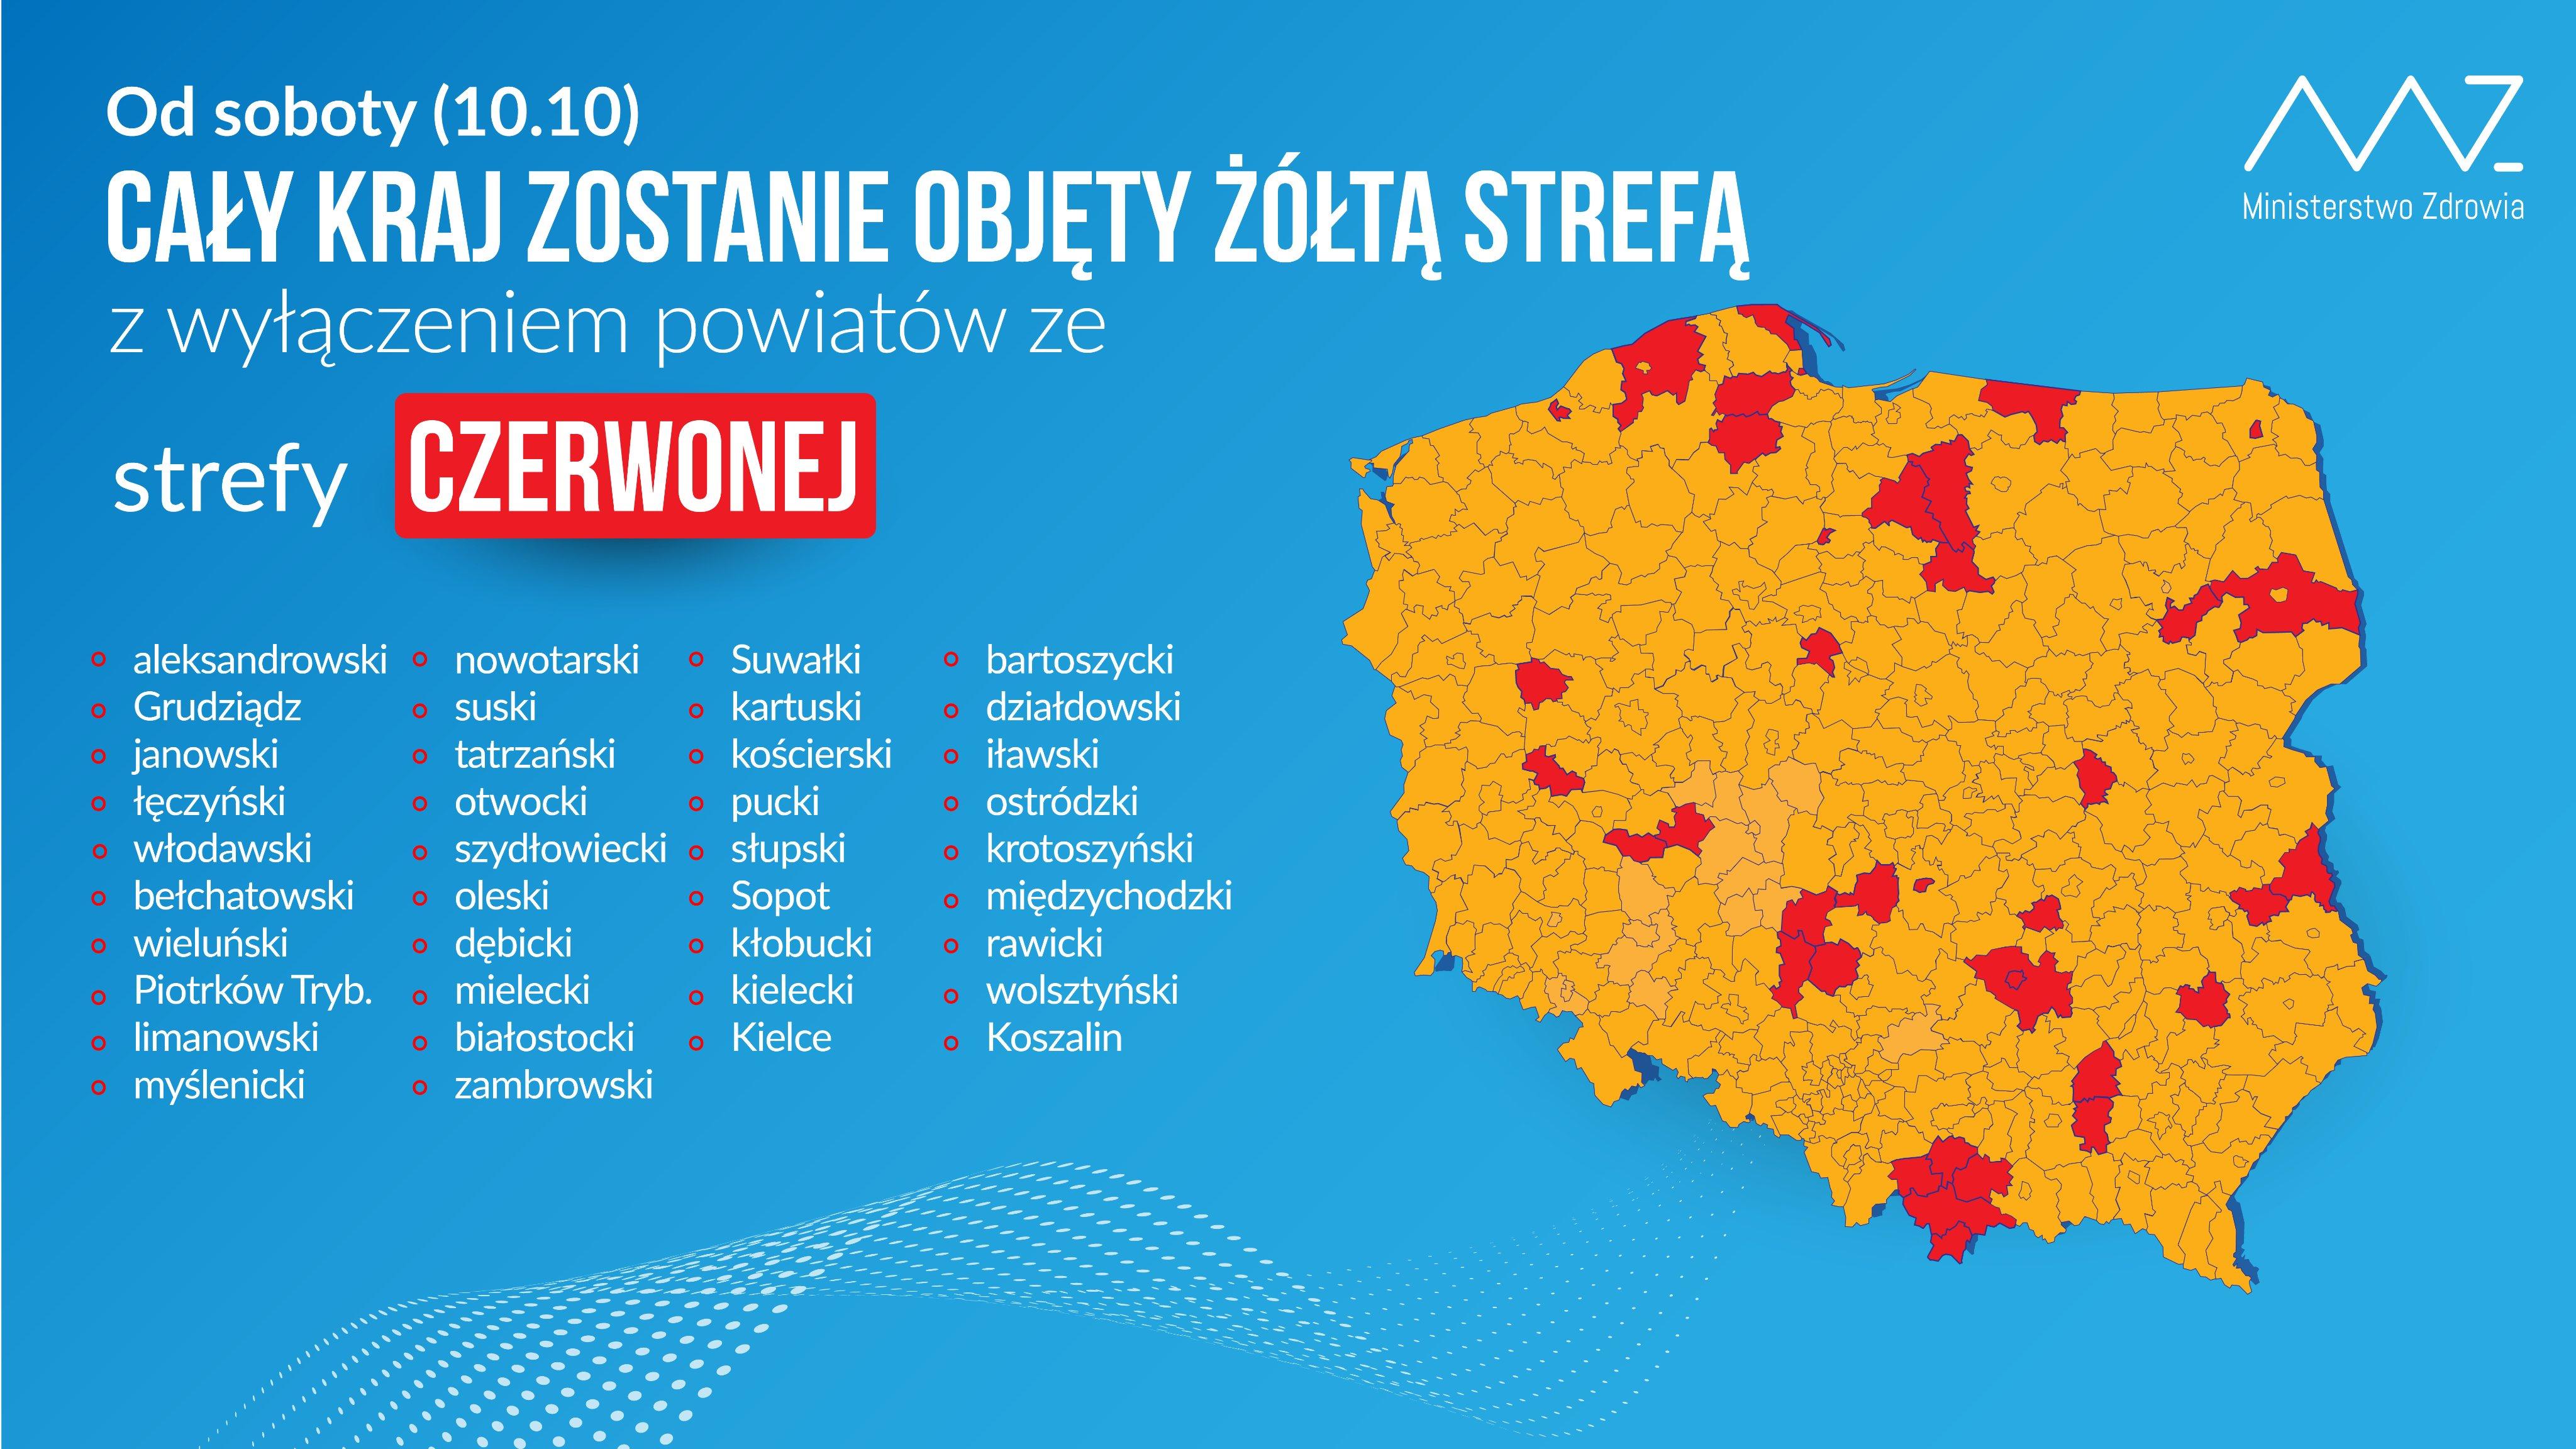 materiały prasowe Kancelarii Prezesa Rady Ministrów (gov.pl)